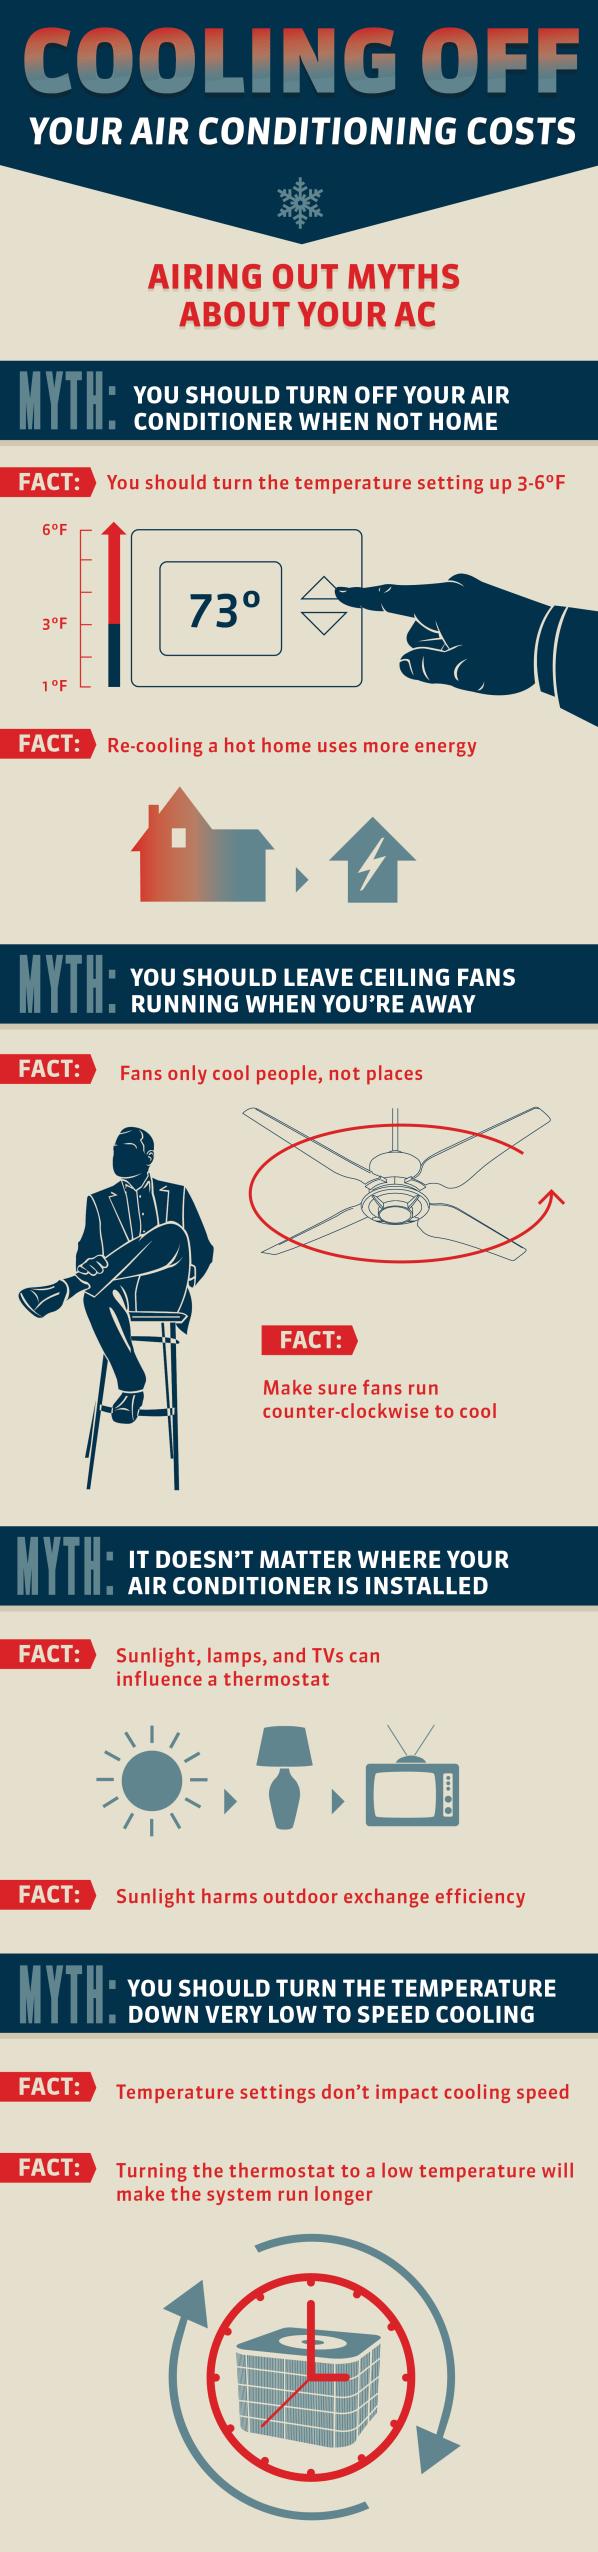 AC myths